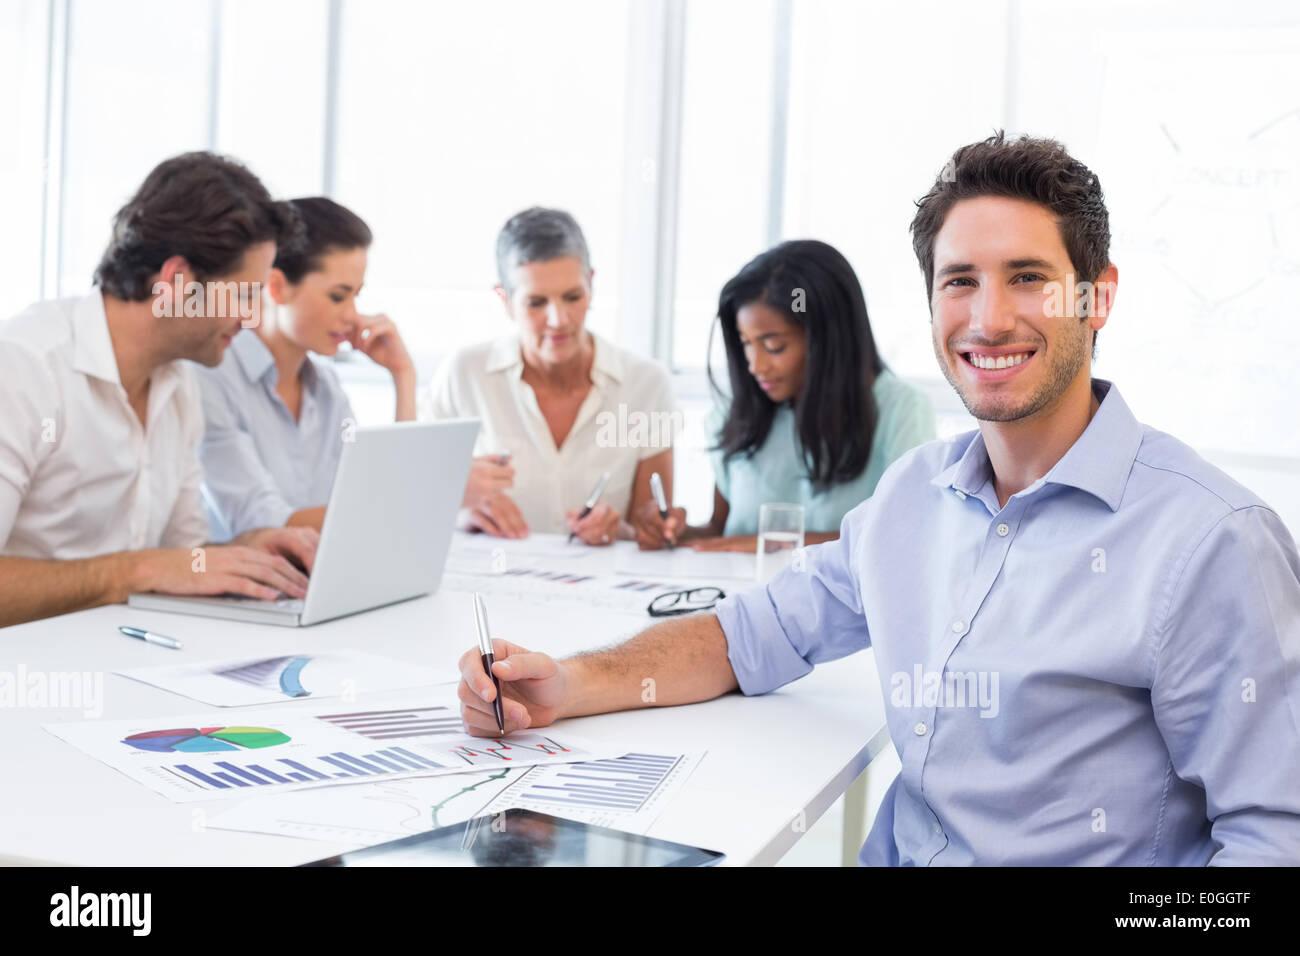 Imprenditore bello sorridente sul posto di lavoro Immagini Stock